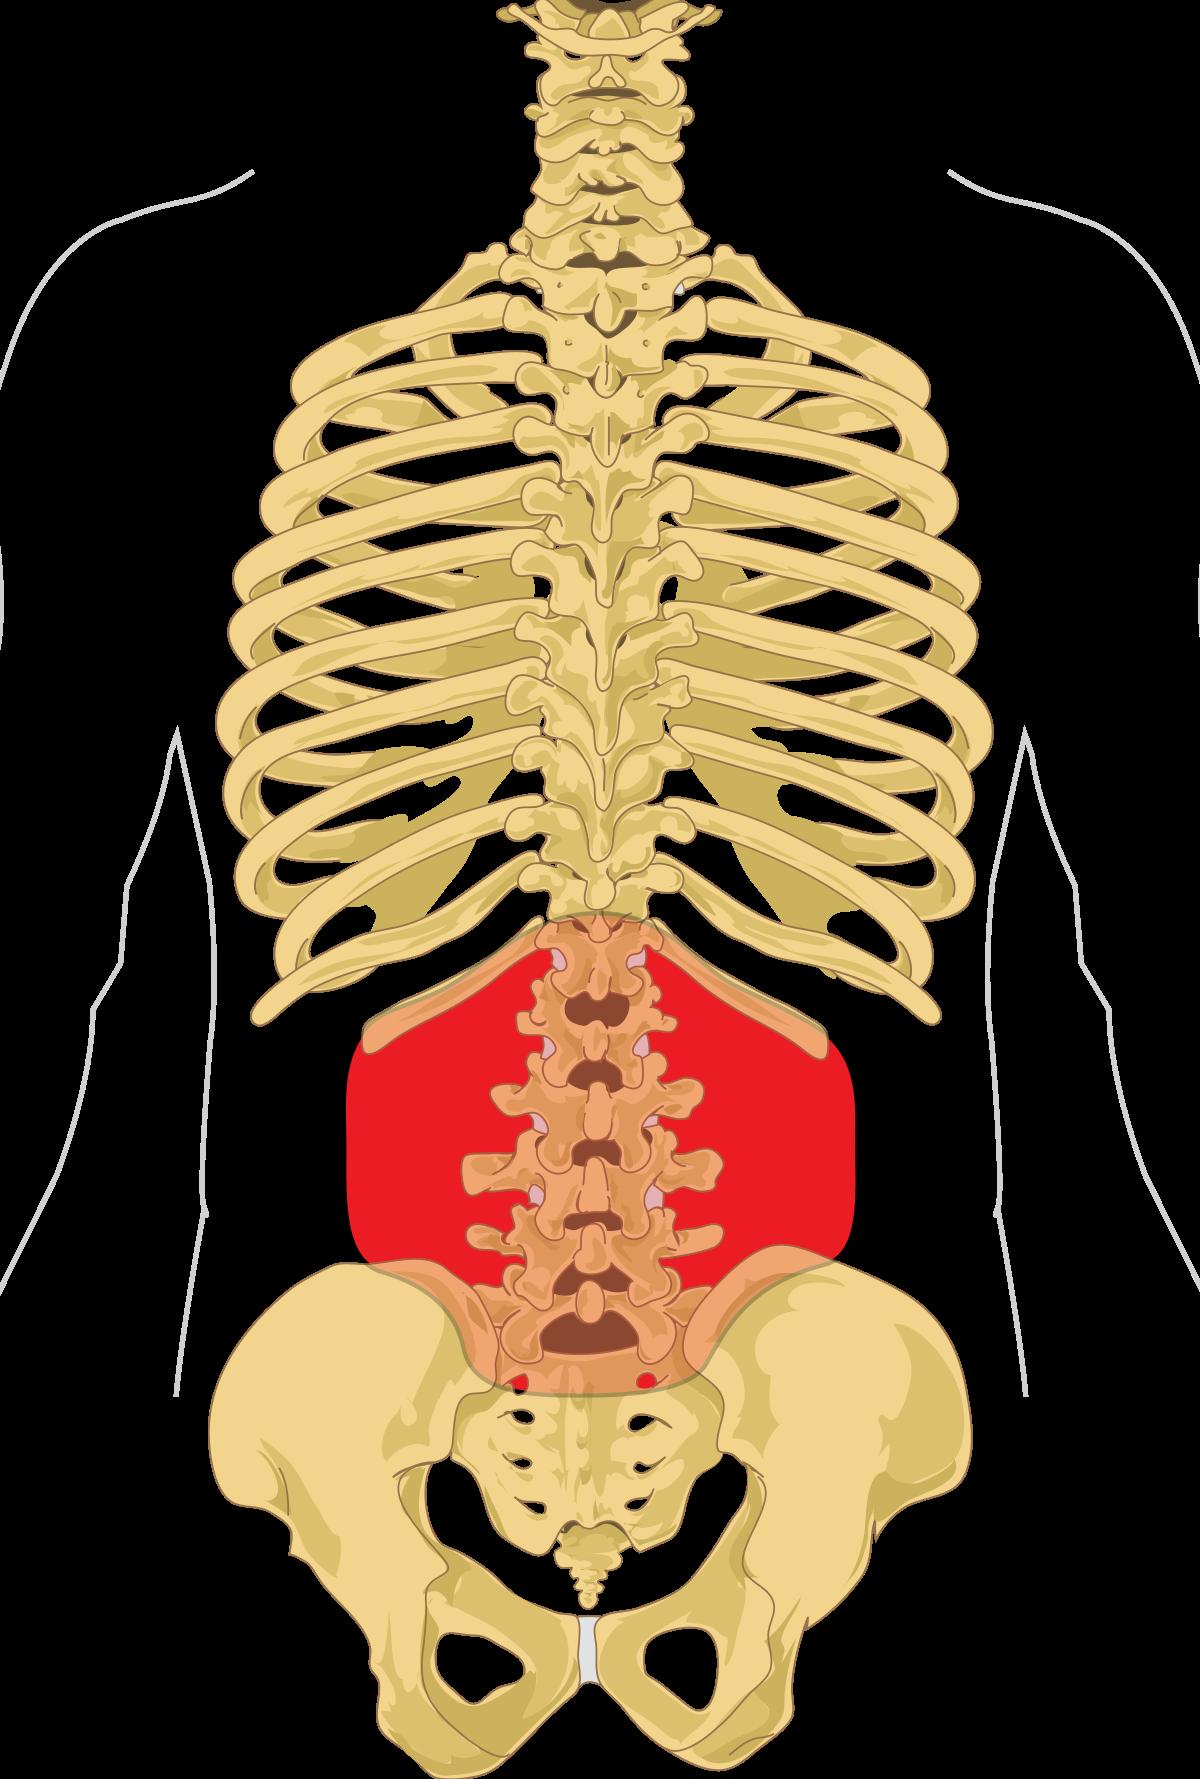 hol kell kezelni a gerinc ízületeit kenőcsök ízületek és izmok kezelésére